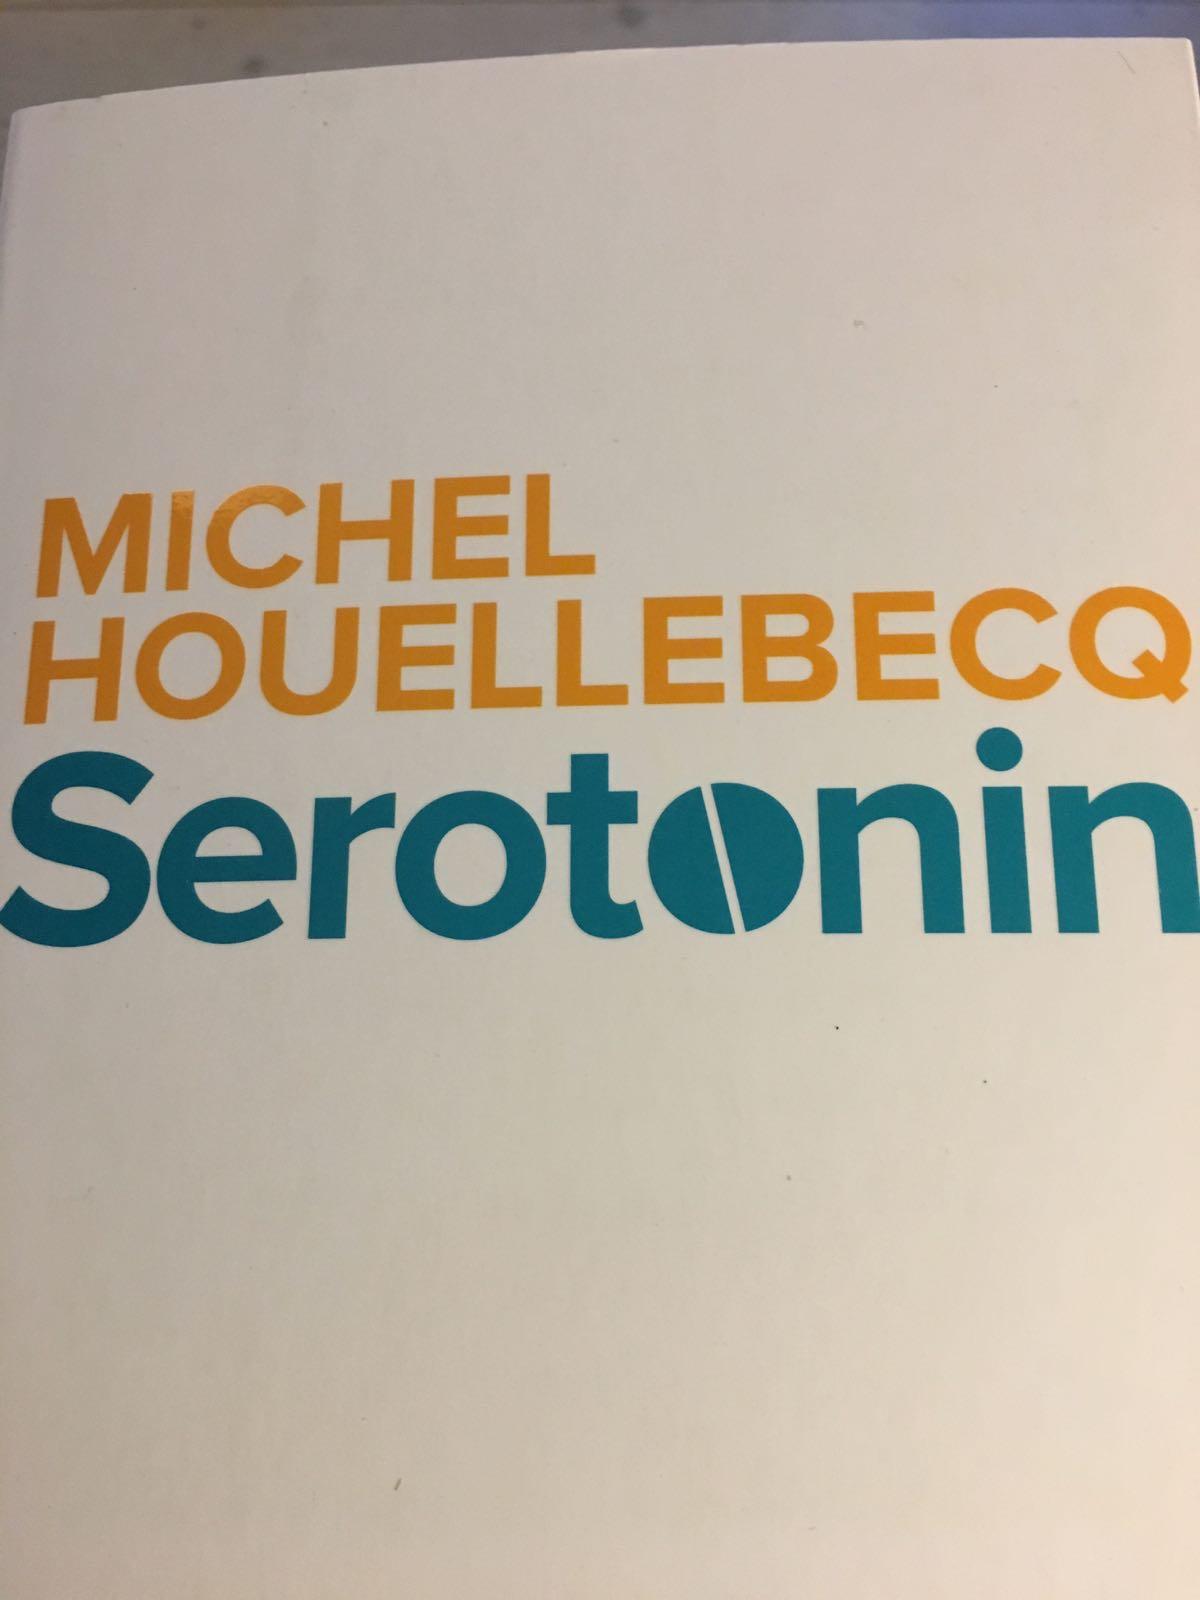 Serotonin af Michelle Houllebeck